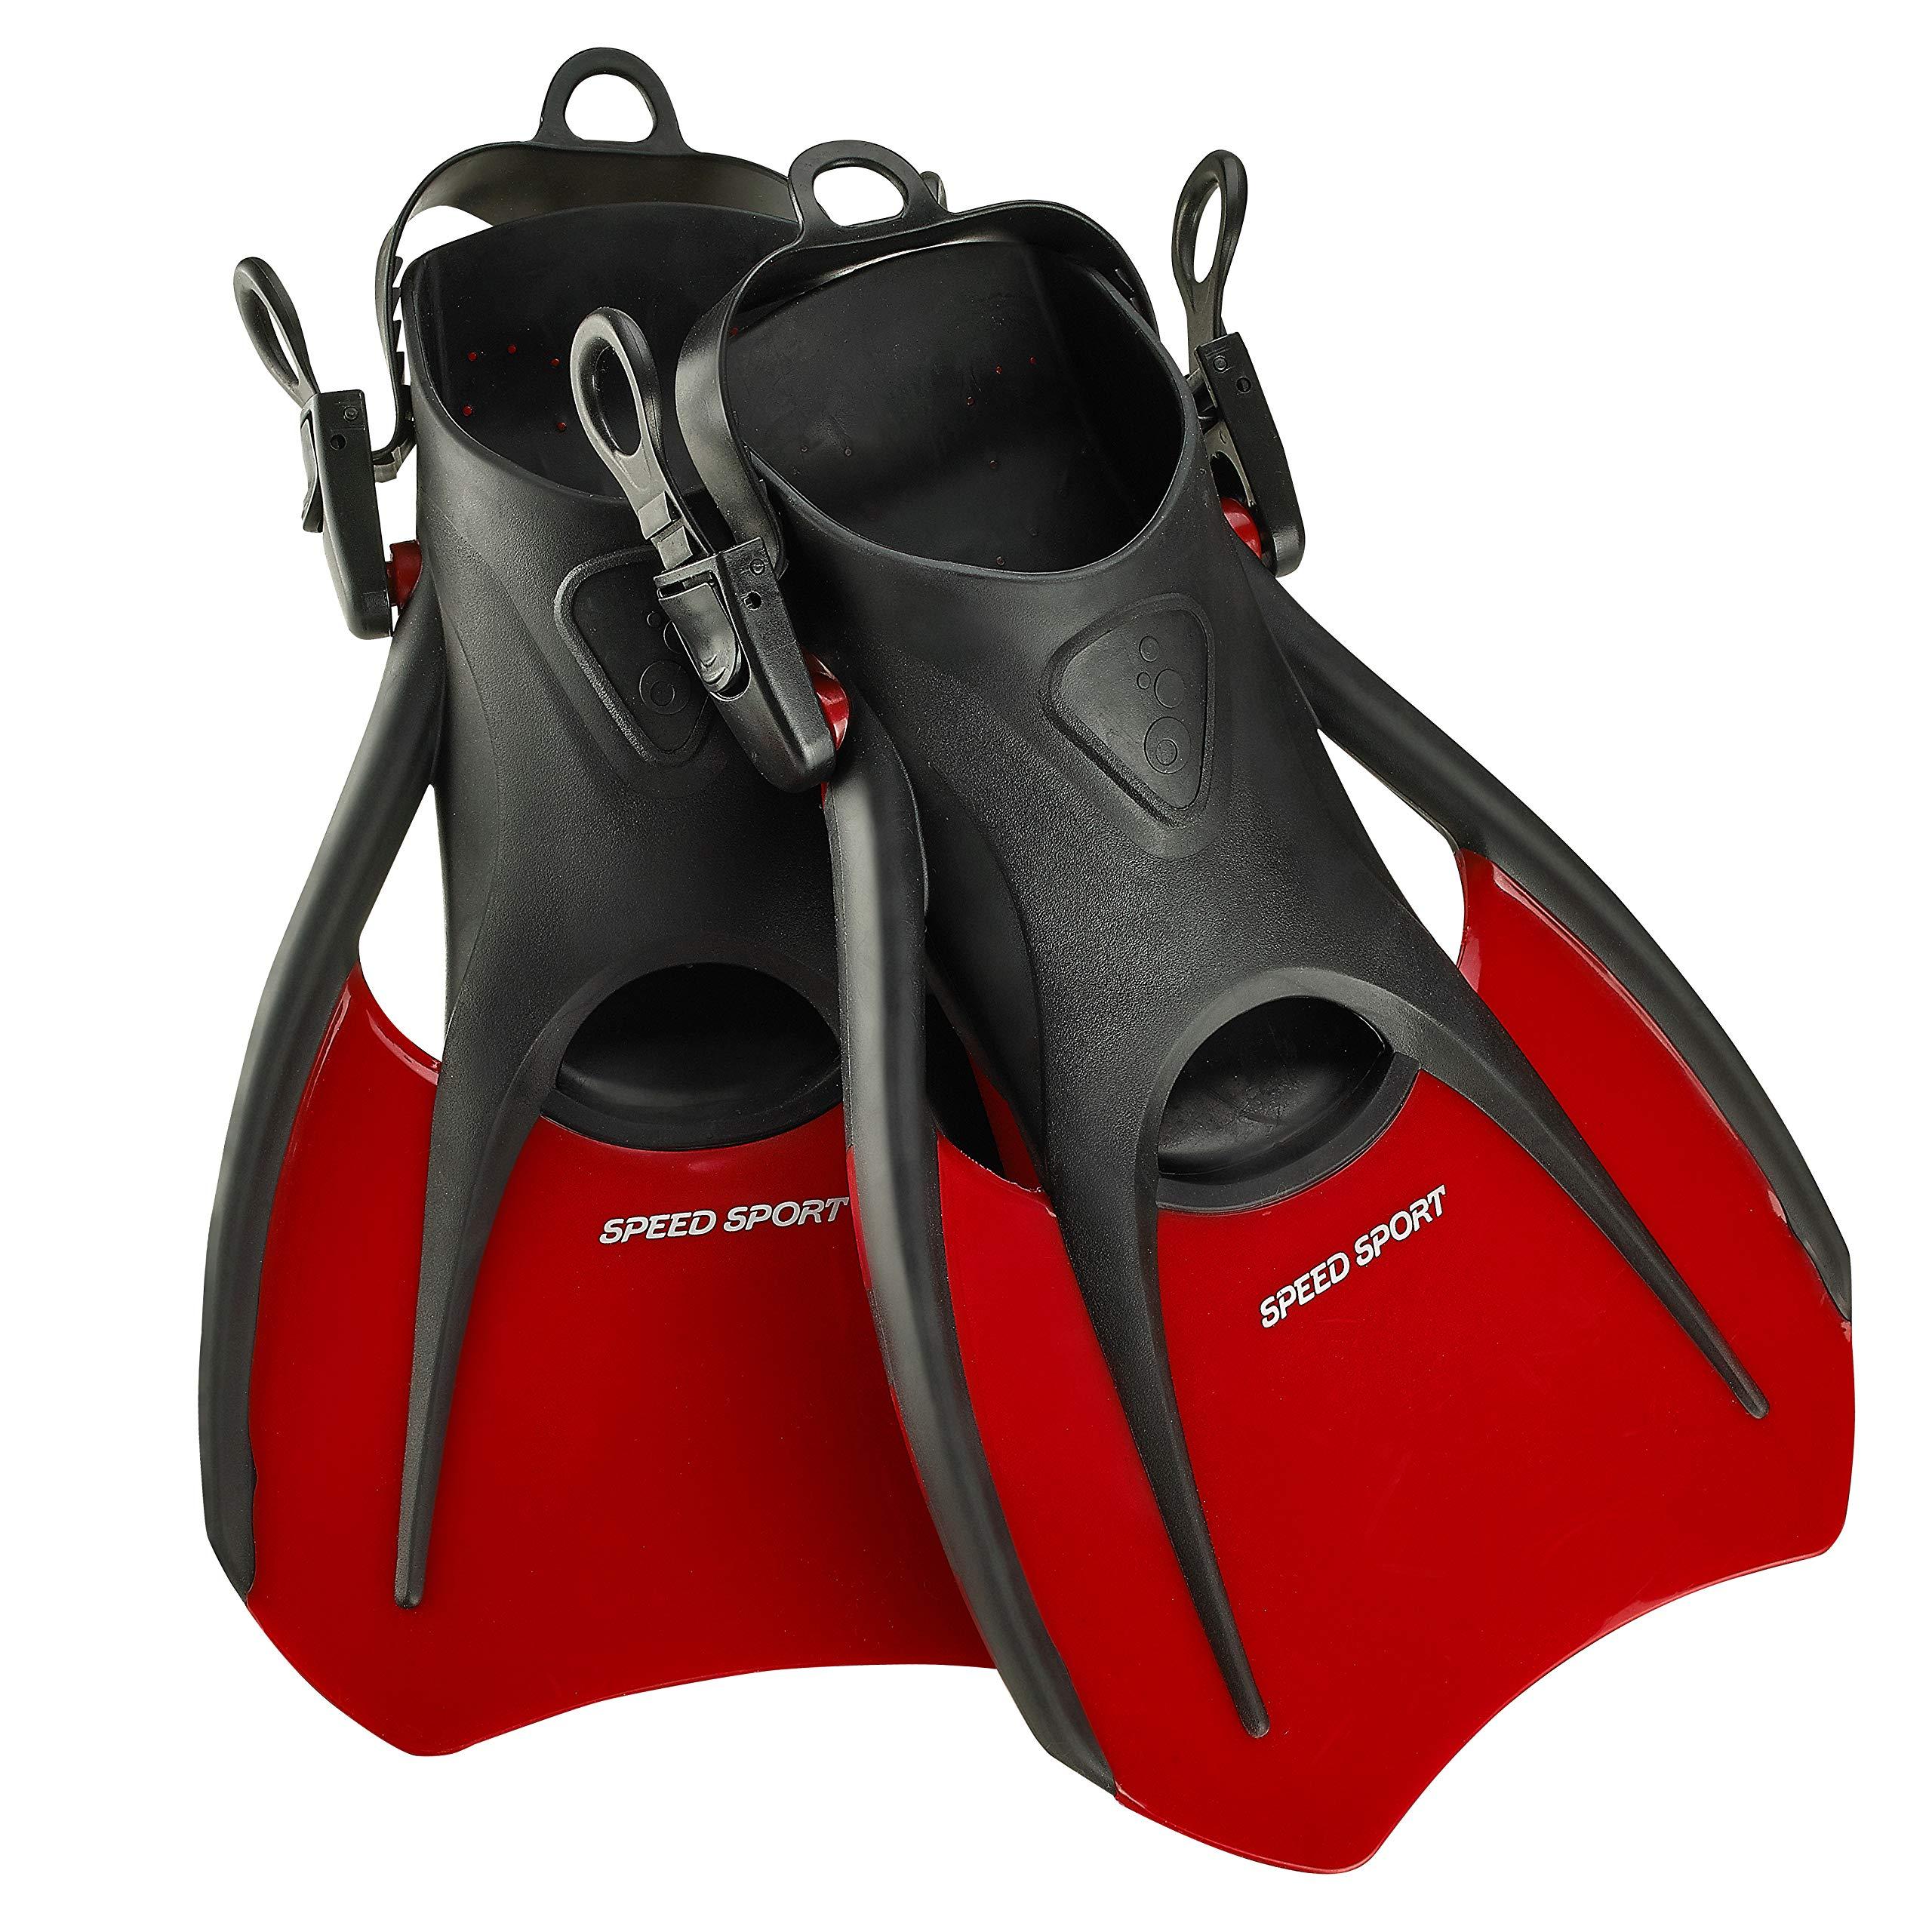 Phantom Aquatics Snorkeling Diving Fins - Open Heel Traveling Sport Fins - RD-SM by Phantom Aquatics